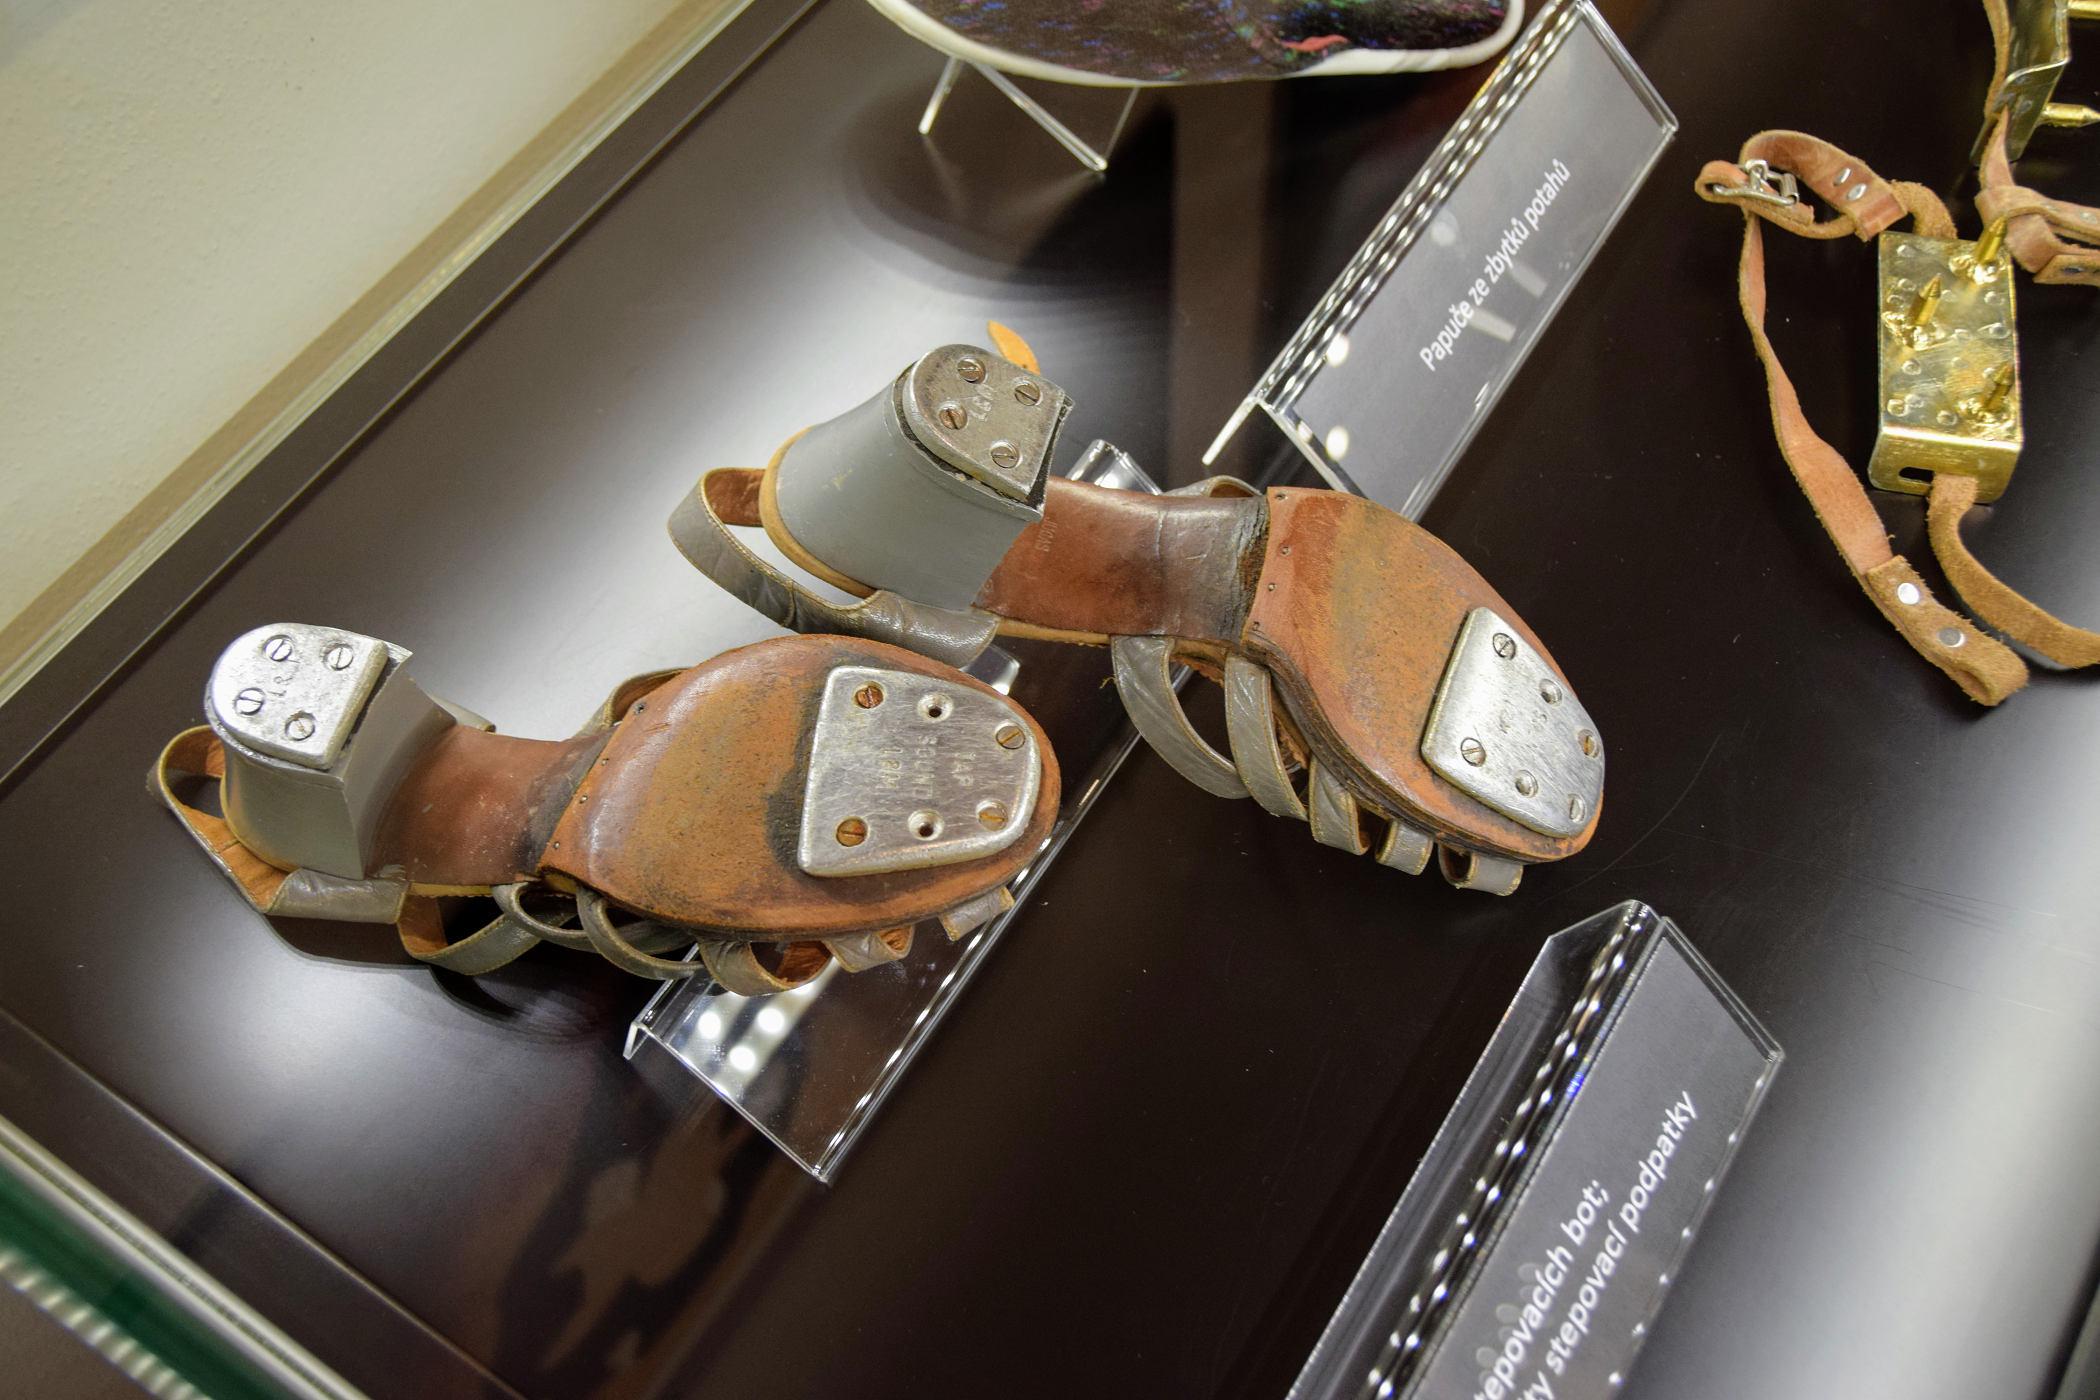 Stepovací boty Jarmily Drlíkové mají kovové podpatky z Tatry